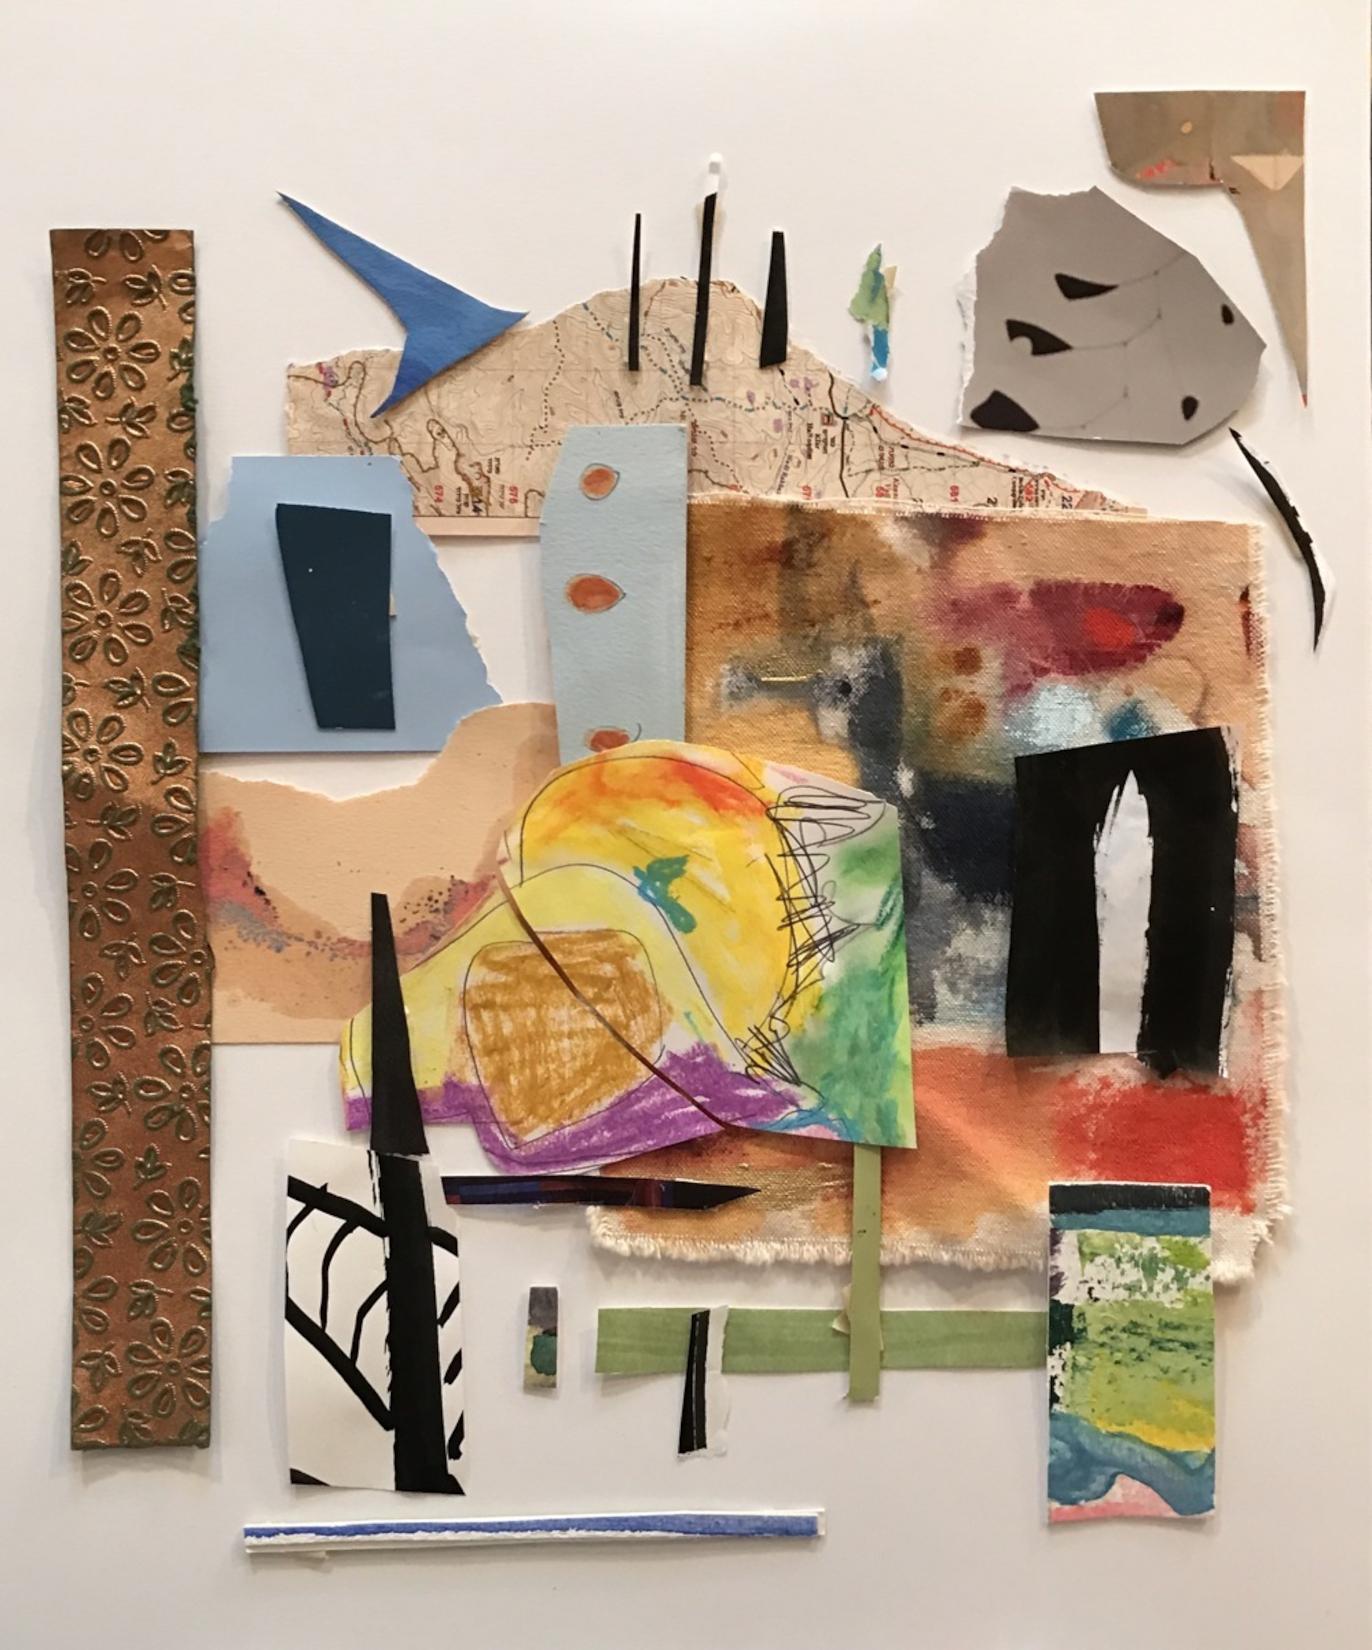 Gail Winbury / La Alzotea